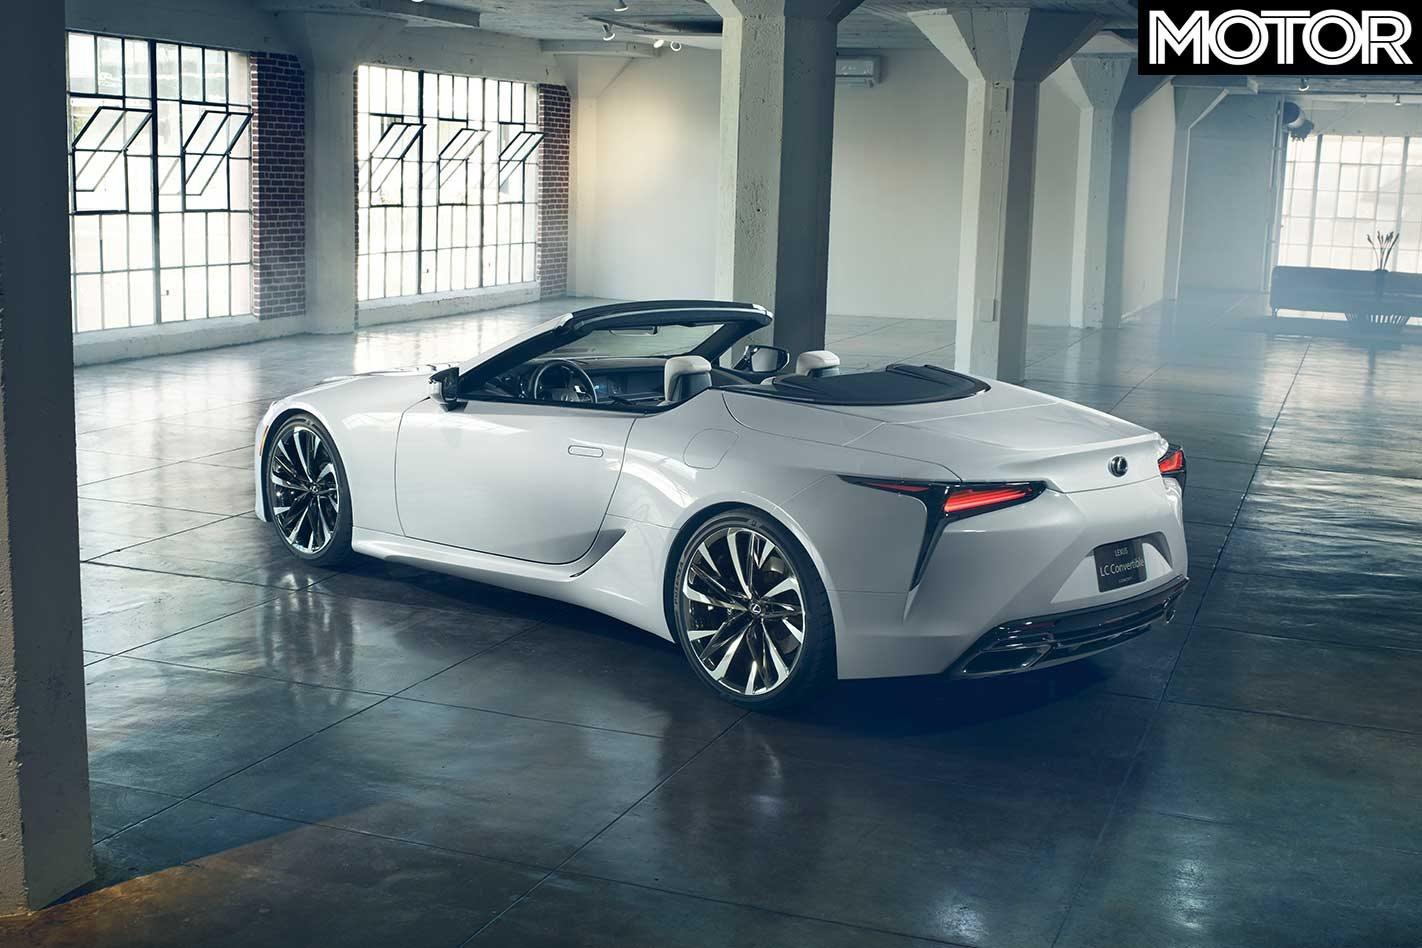 2019 detroit auto show  lexus lc convertible concept revealed